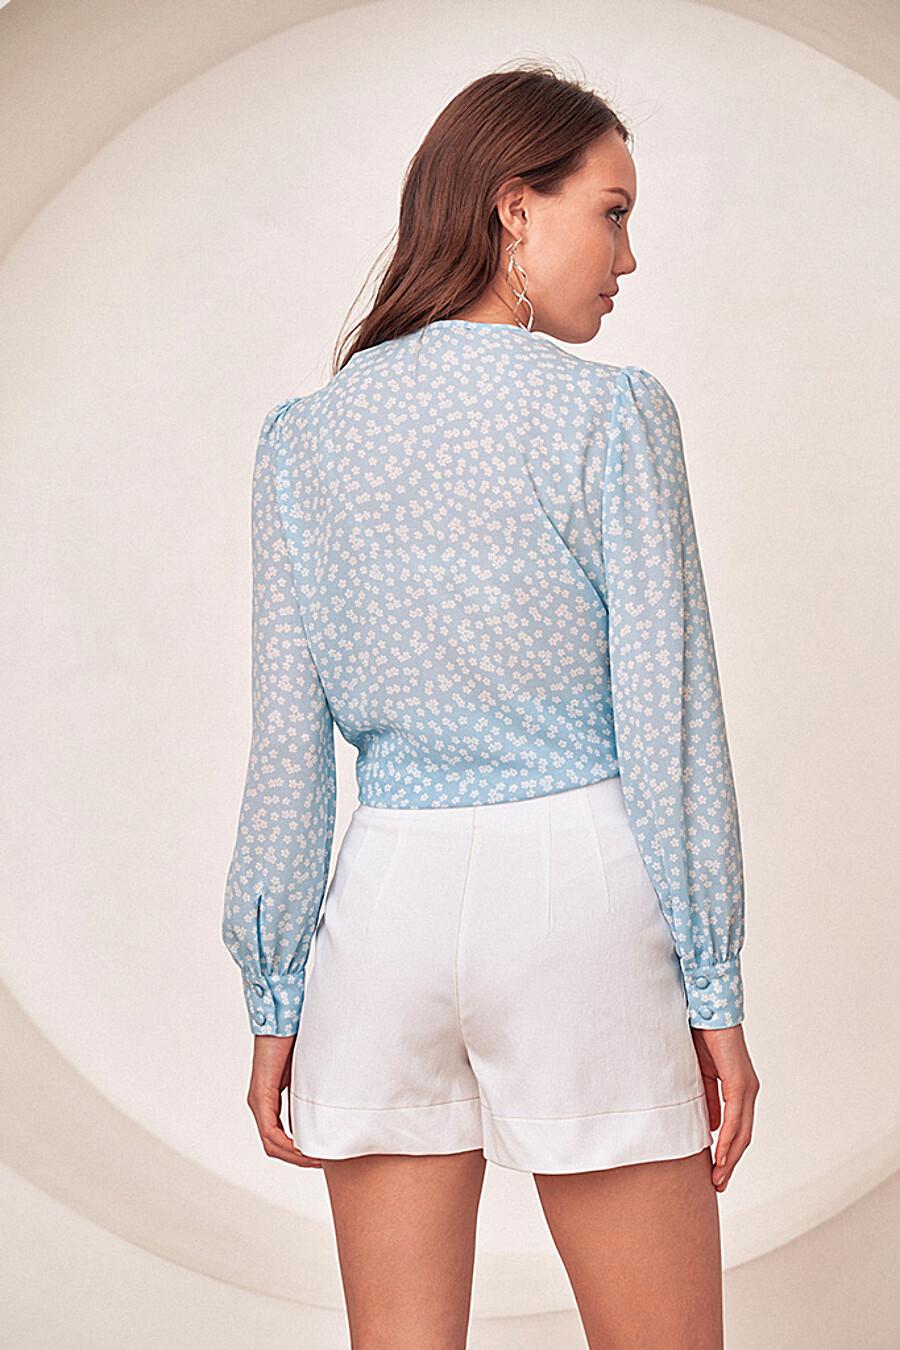 Шорты для женщин VITTORIA VICCI 649116 купить оптом от производителя. Совместная покупка женской одежды в OptMoyo